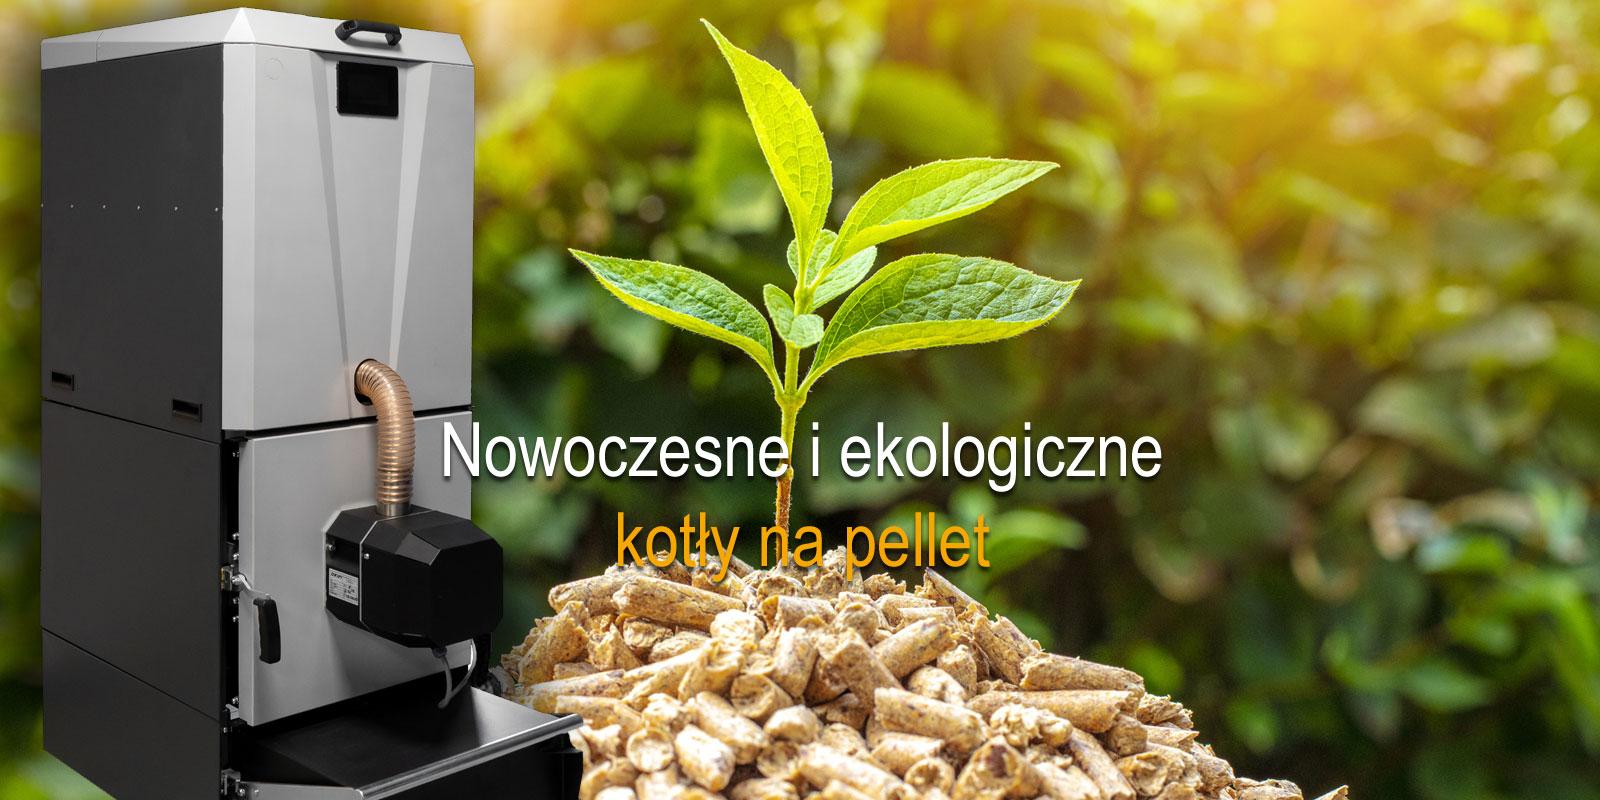 Nowoczesne i ekologiczne kotły na pellet